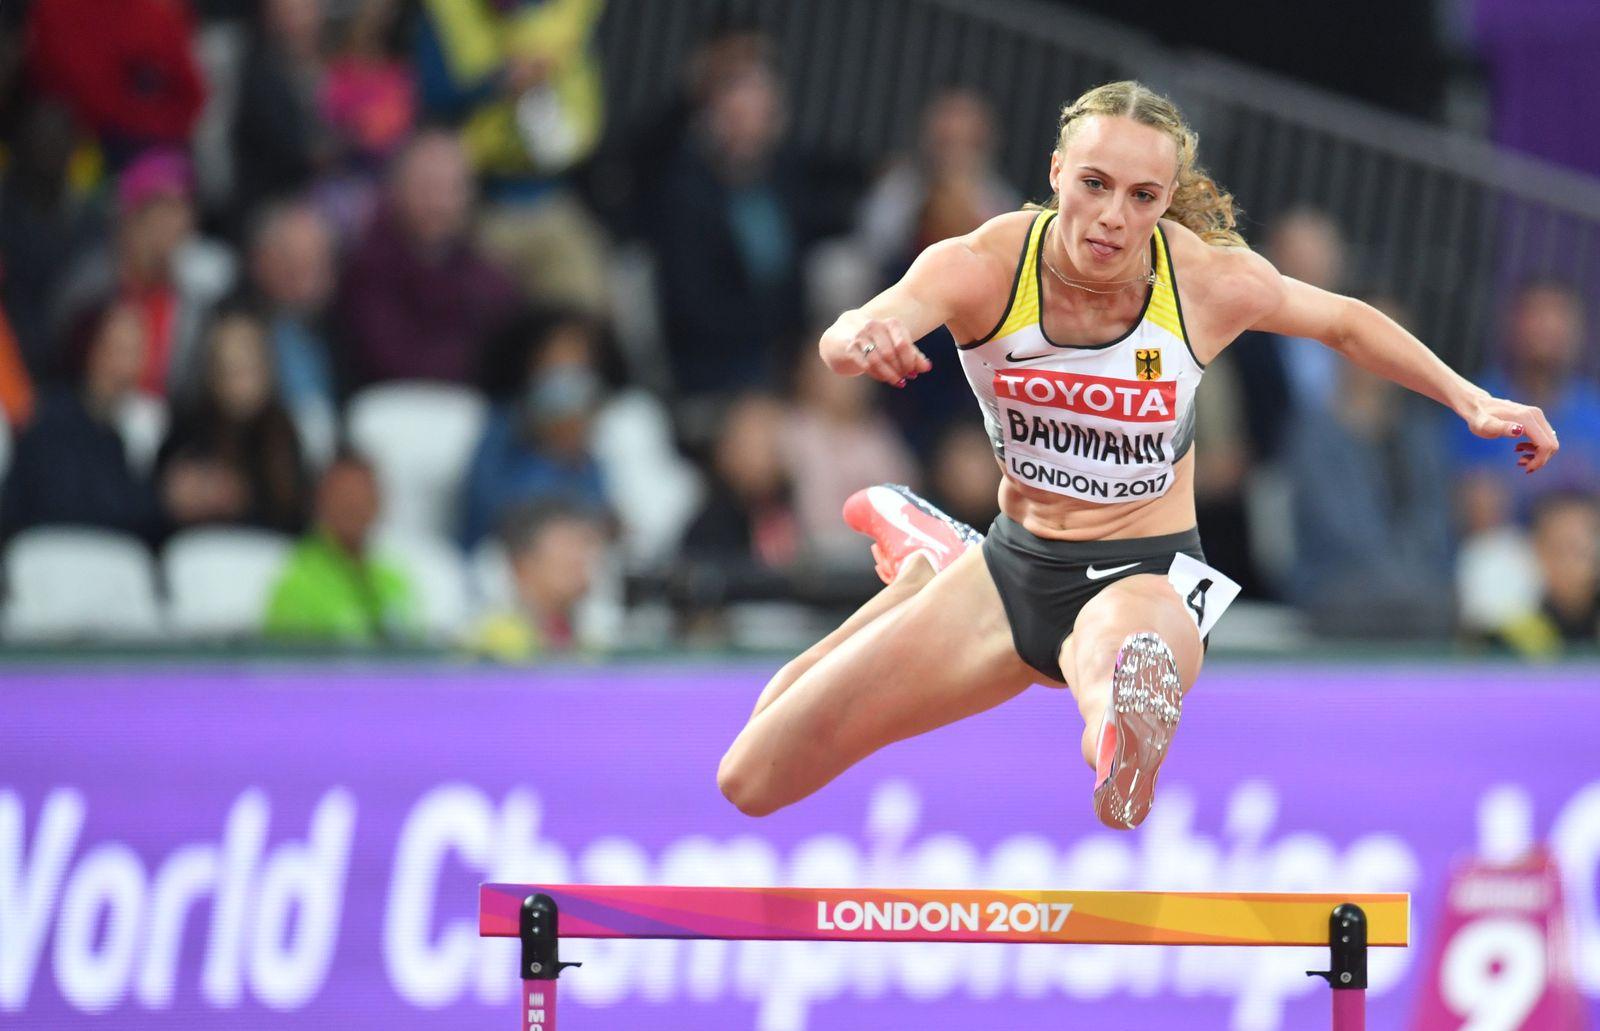 Hürdenläuferin Jackie Baumann